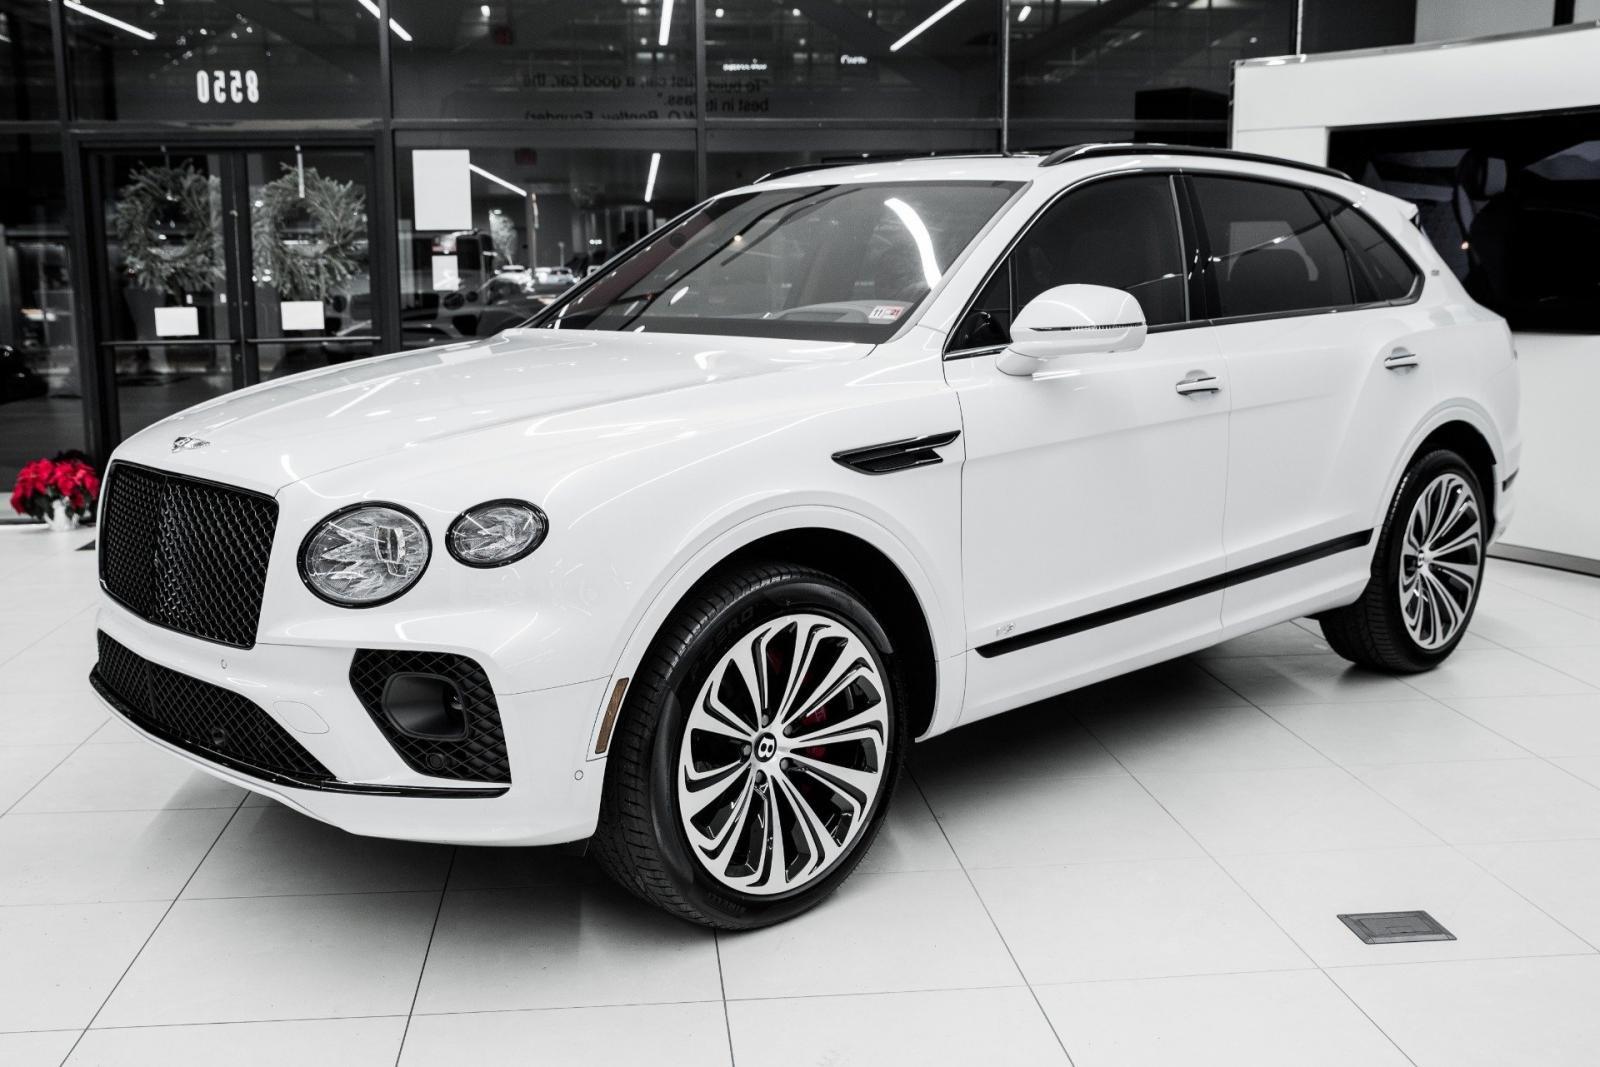 xe Bentley Bentayga màu trắng.